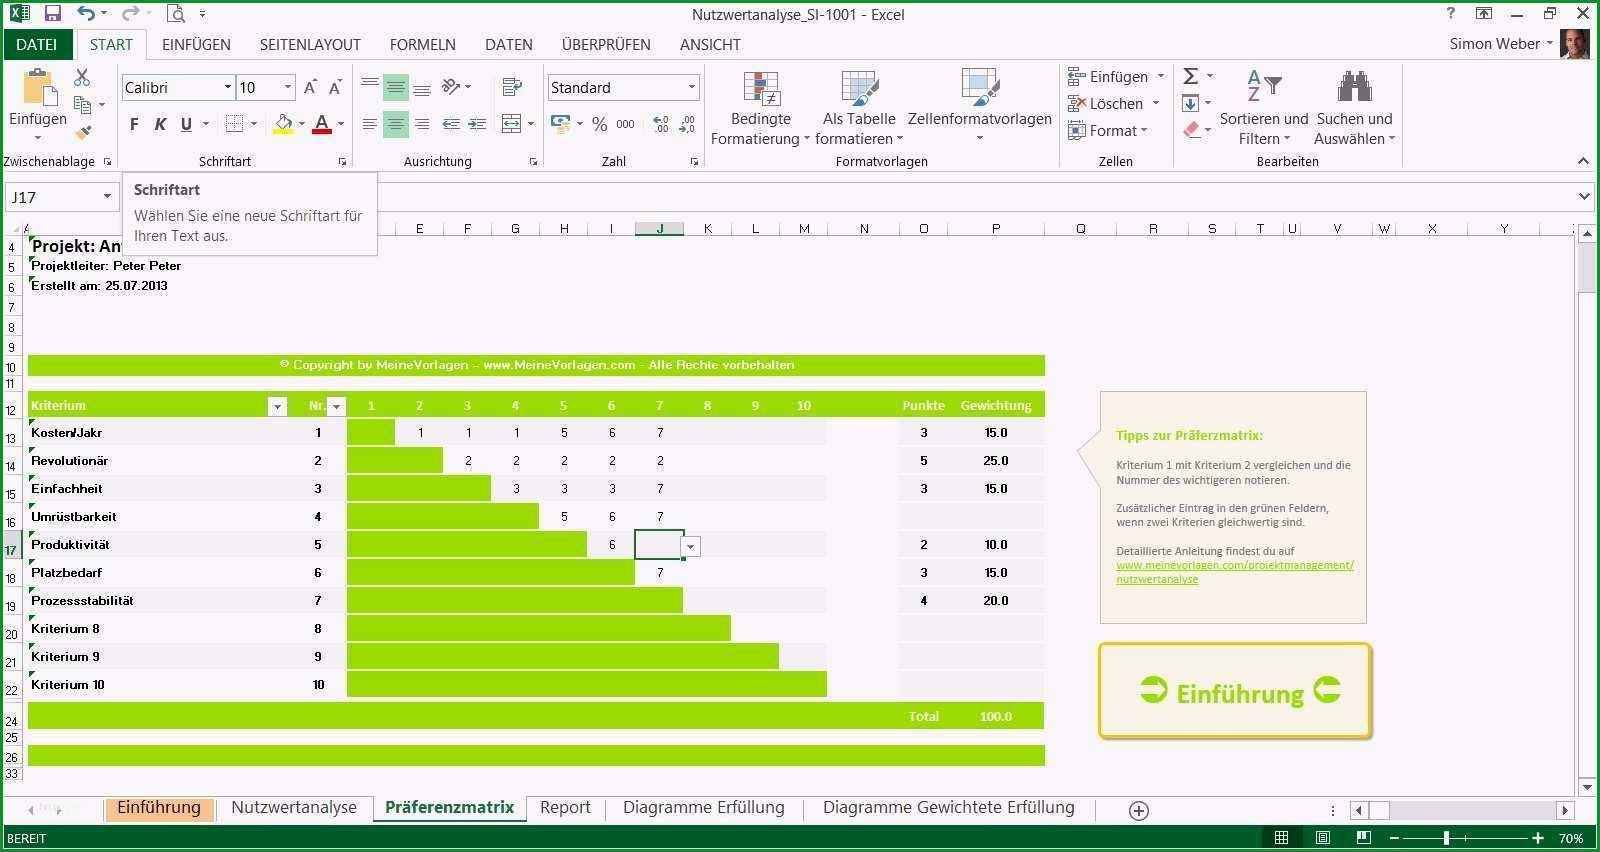 kapazitatsplanung excel vorlage kostenlos wunderbar erfreut kostenloser von vorlagen zeitgenossisch